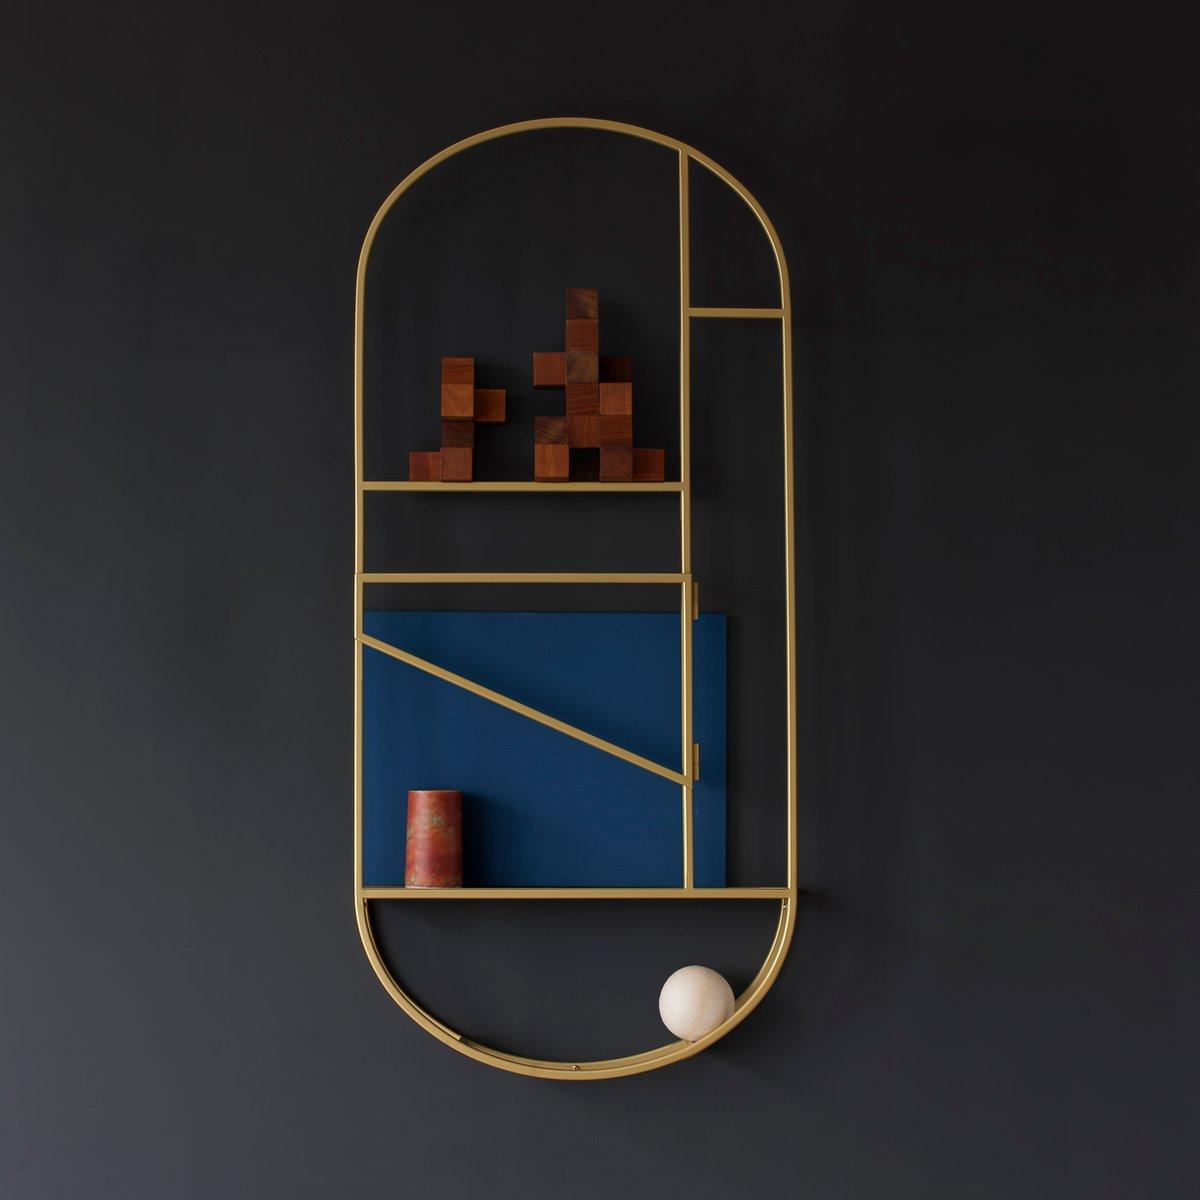 Image of FOLDWORK VALET – golden